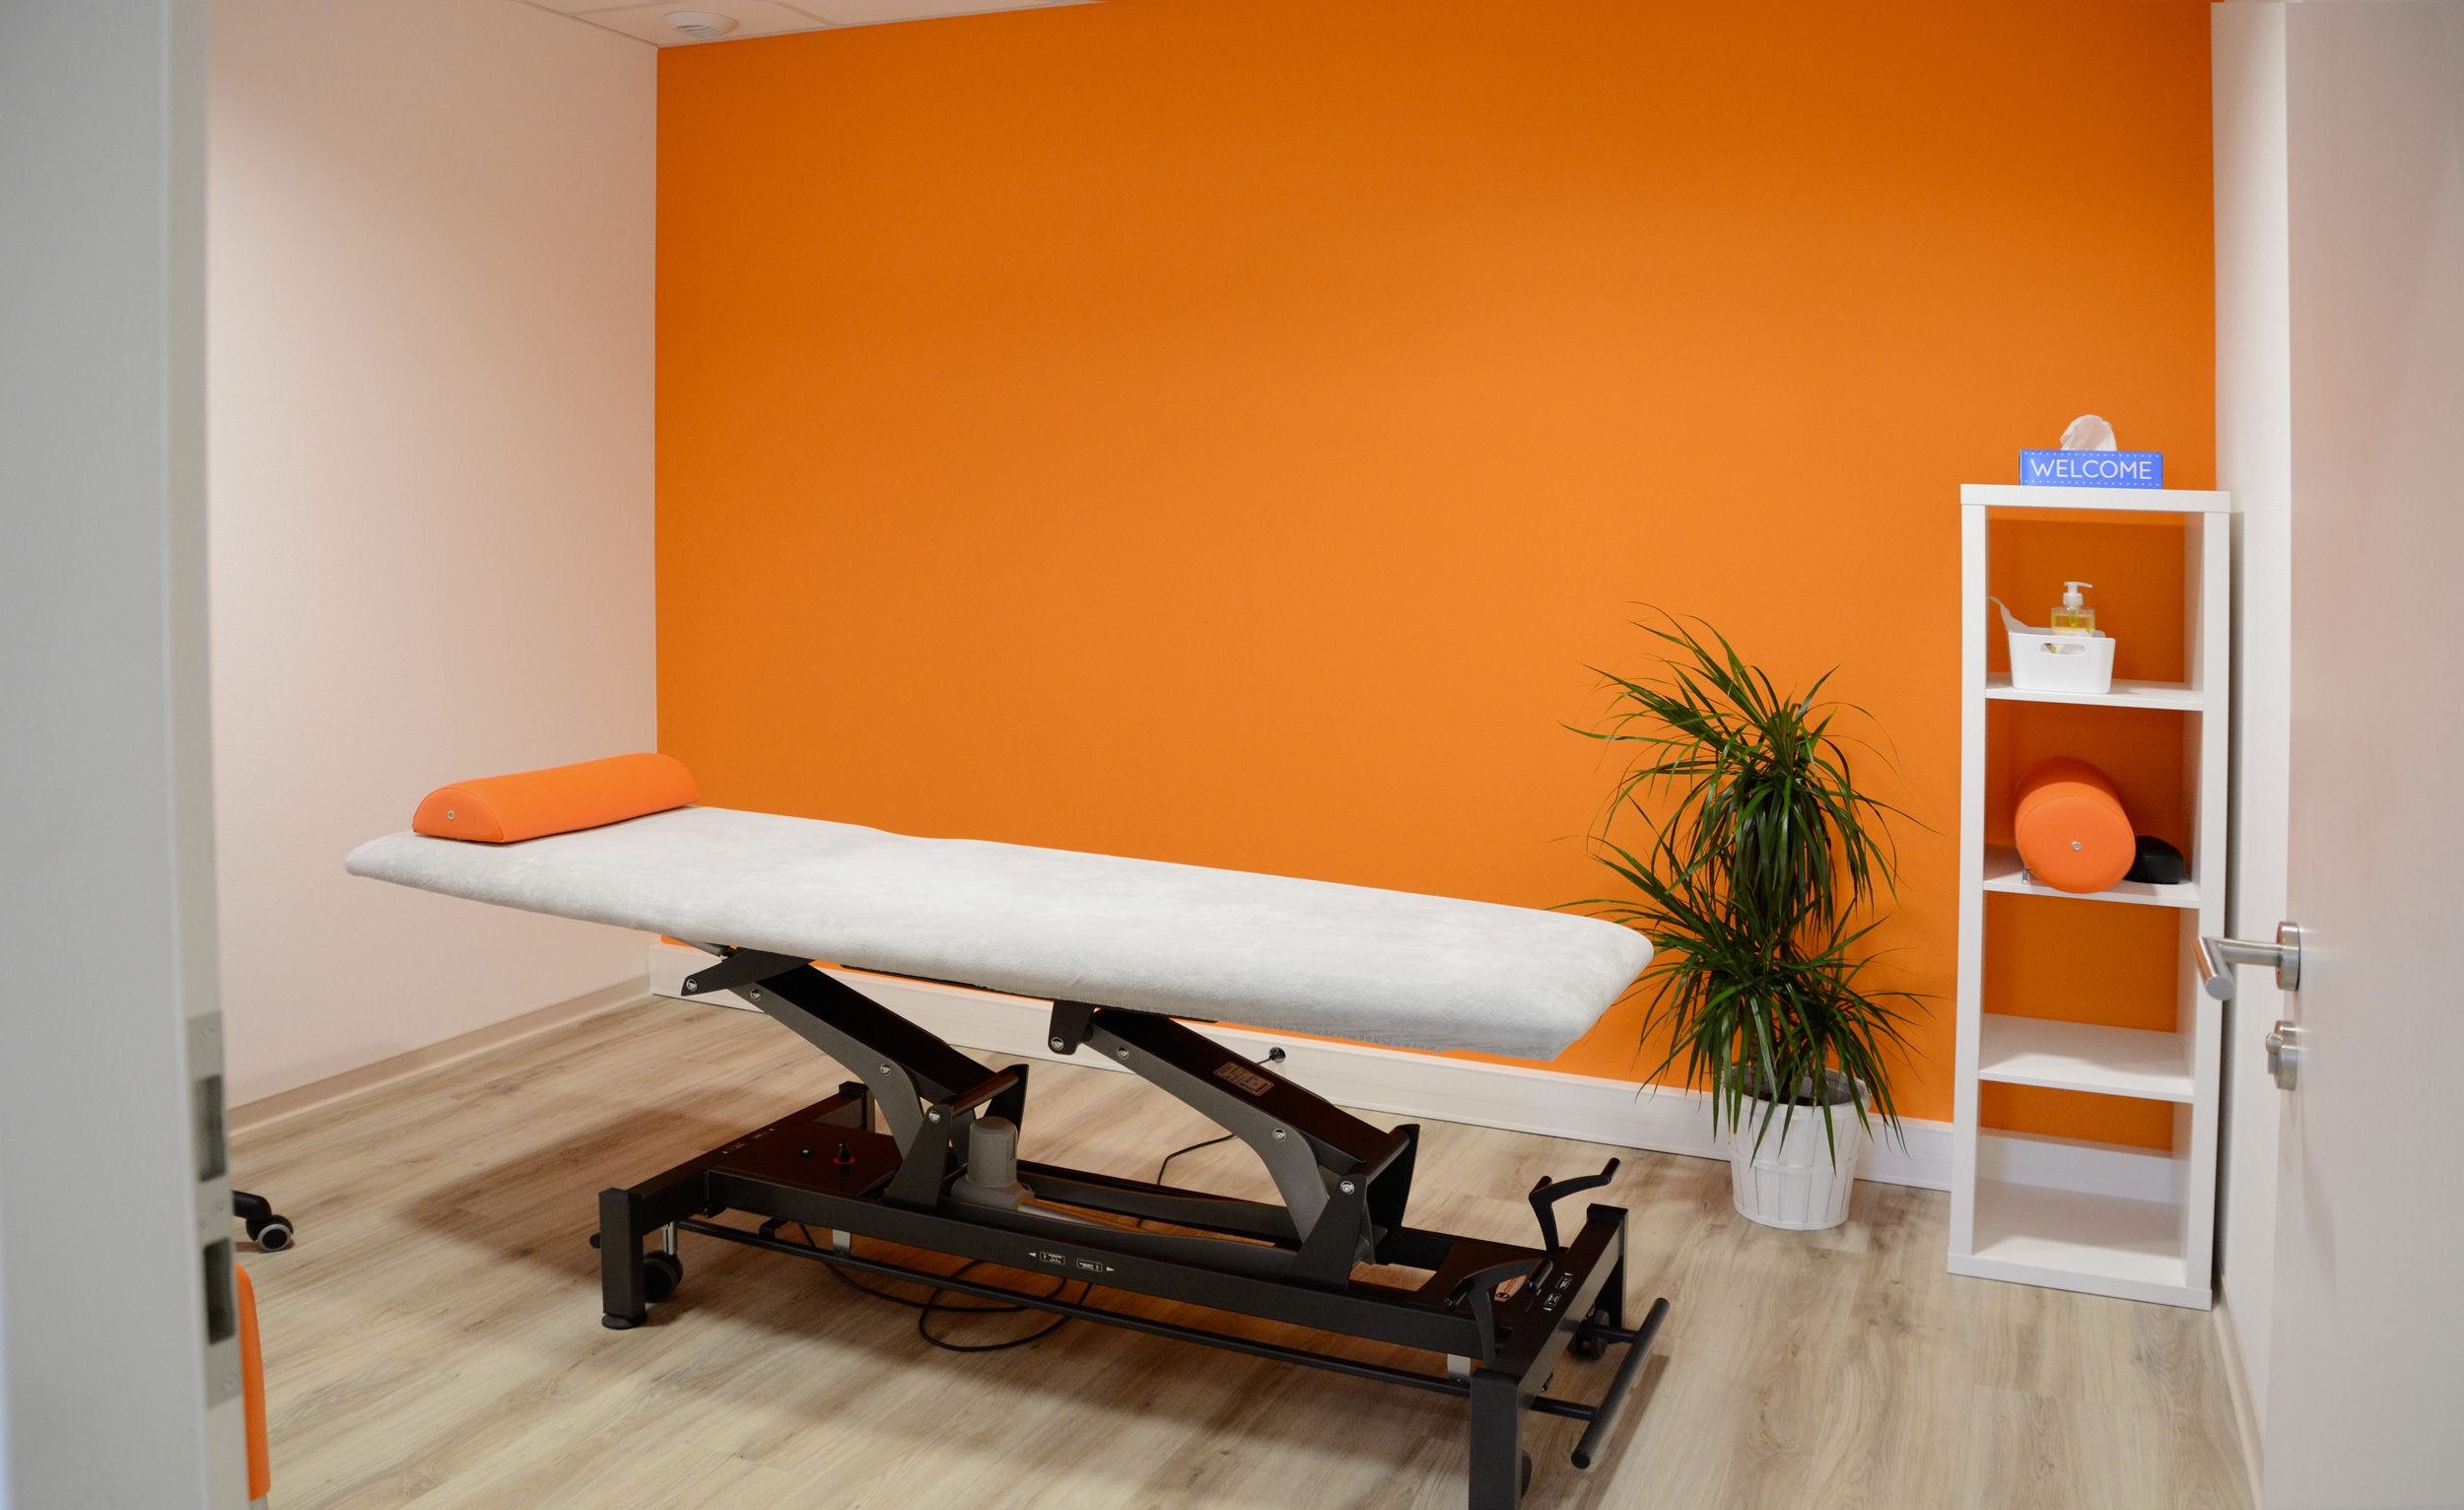 cabinet-kine-meinau-salle-orange